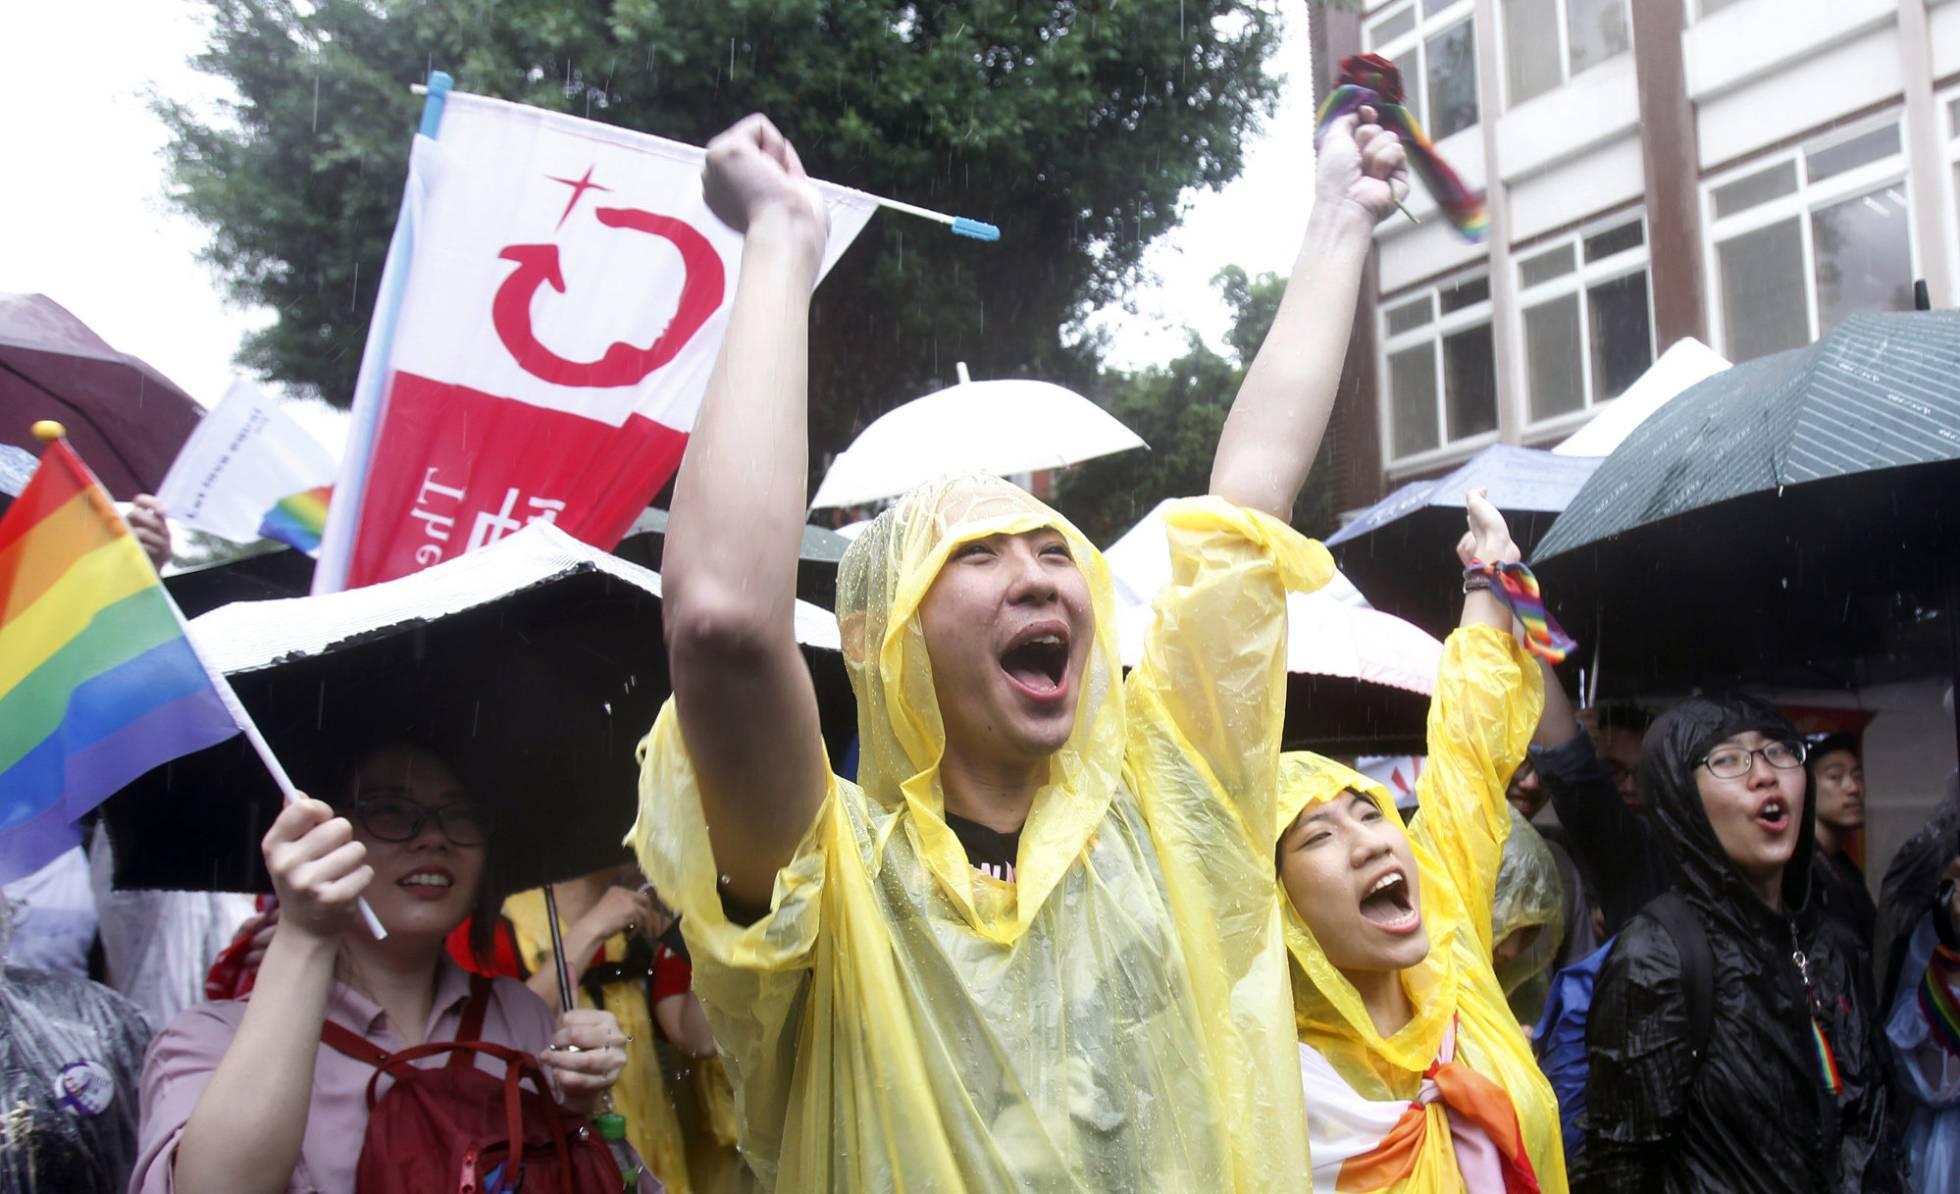 El primero en Asia: Taiwán legaliza el matrimonio igualitario